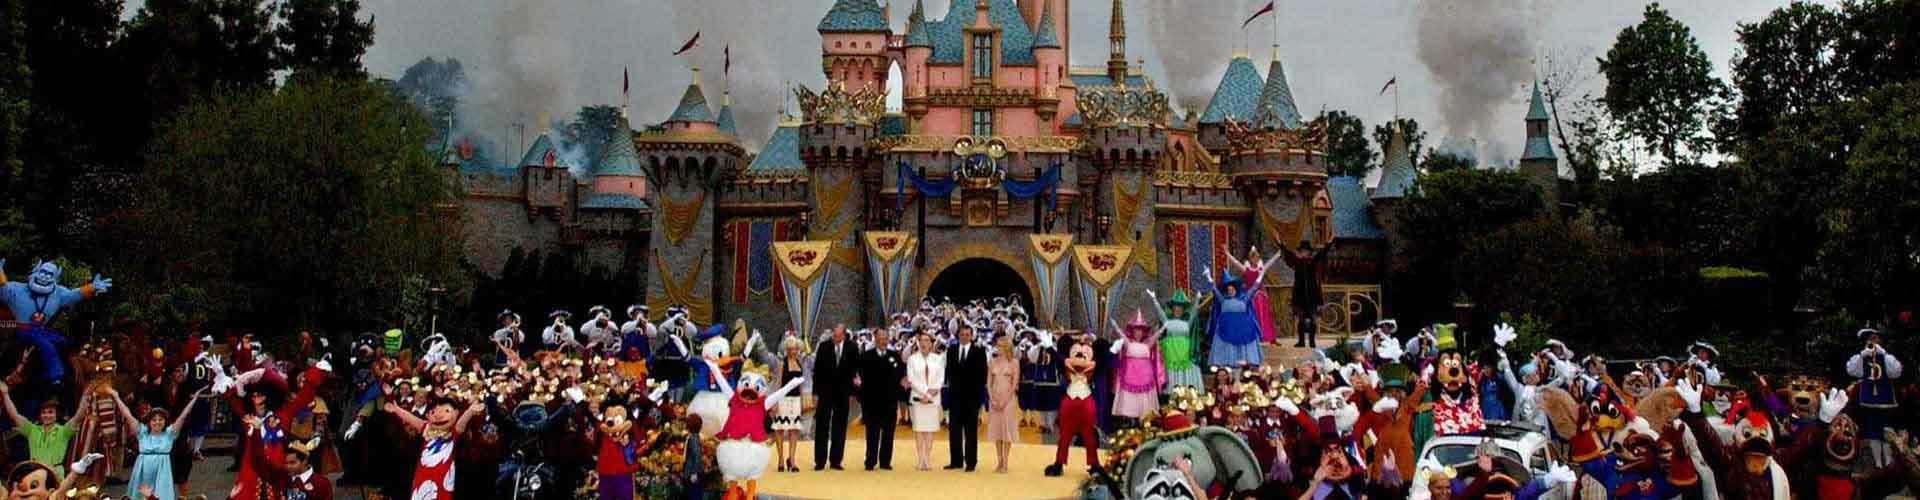 París - Disneyland - Hostales en París - Disneyland. Mapas de París - Disneyland, Fotos y comentarios de cada Hostal en París - Disneyland.